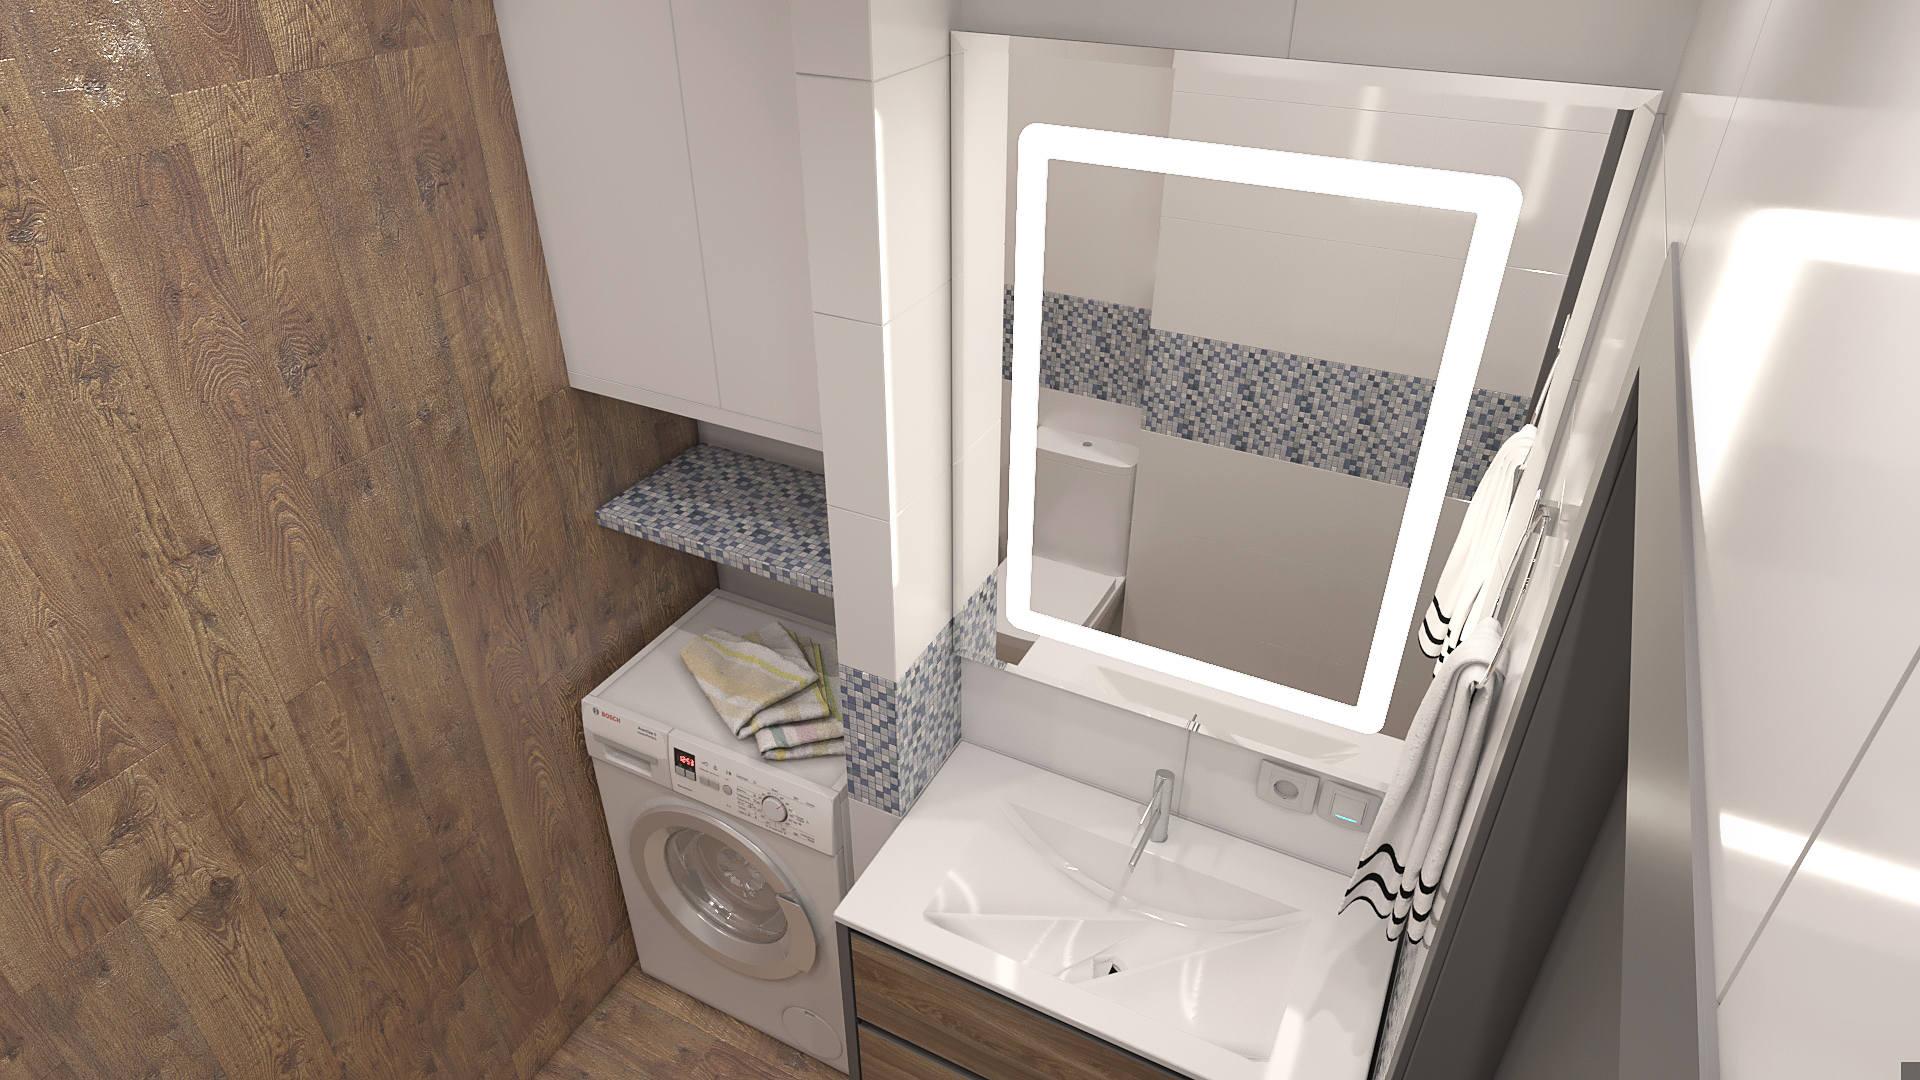 ванная с декоративной штукатуркой под бетон в ЖК SKY